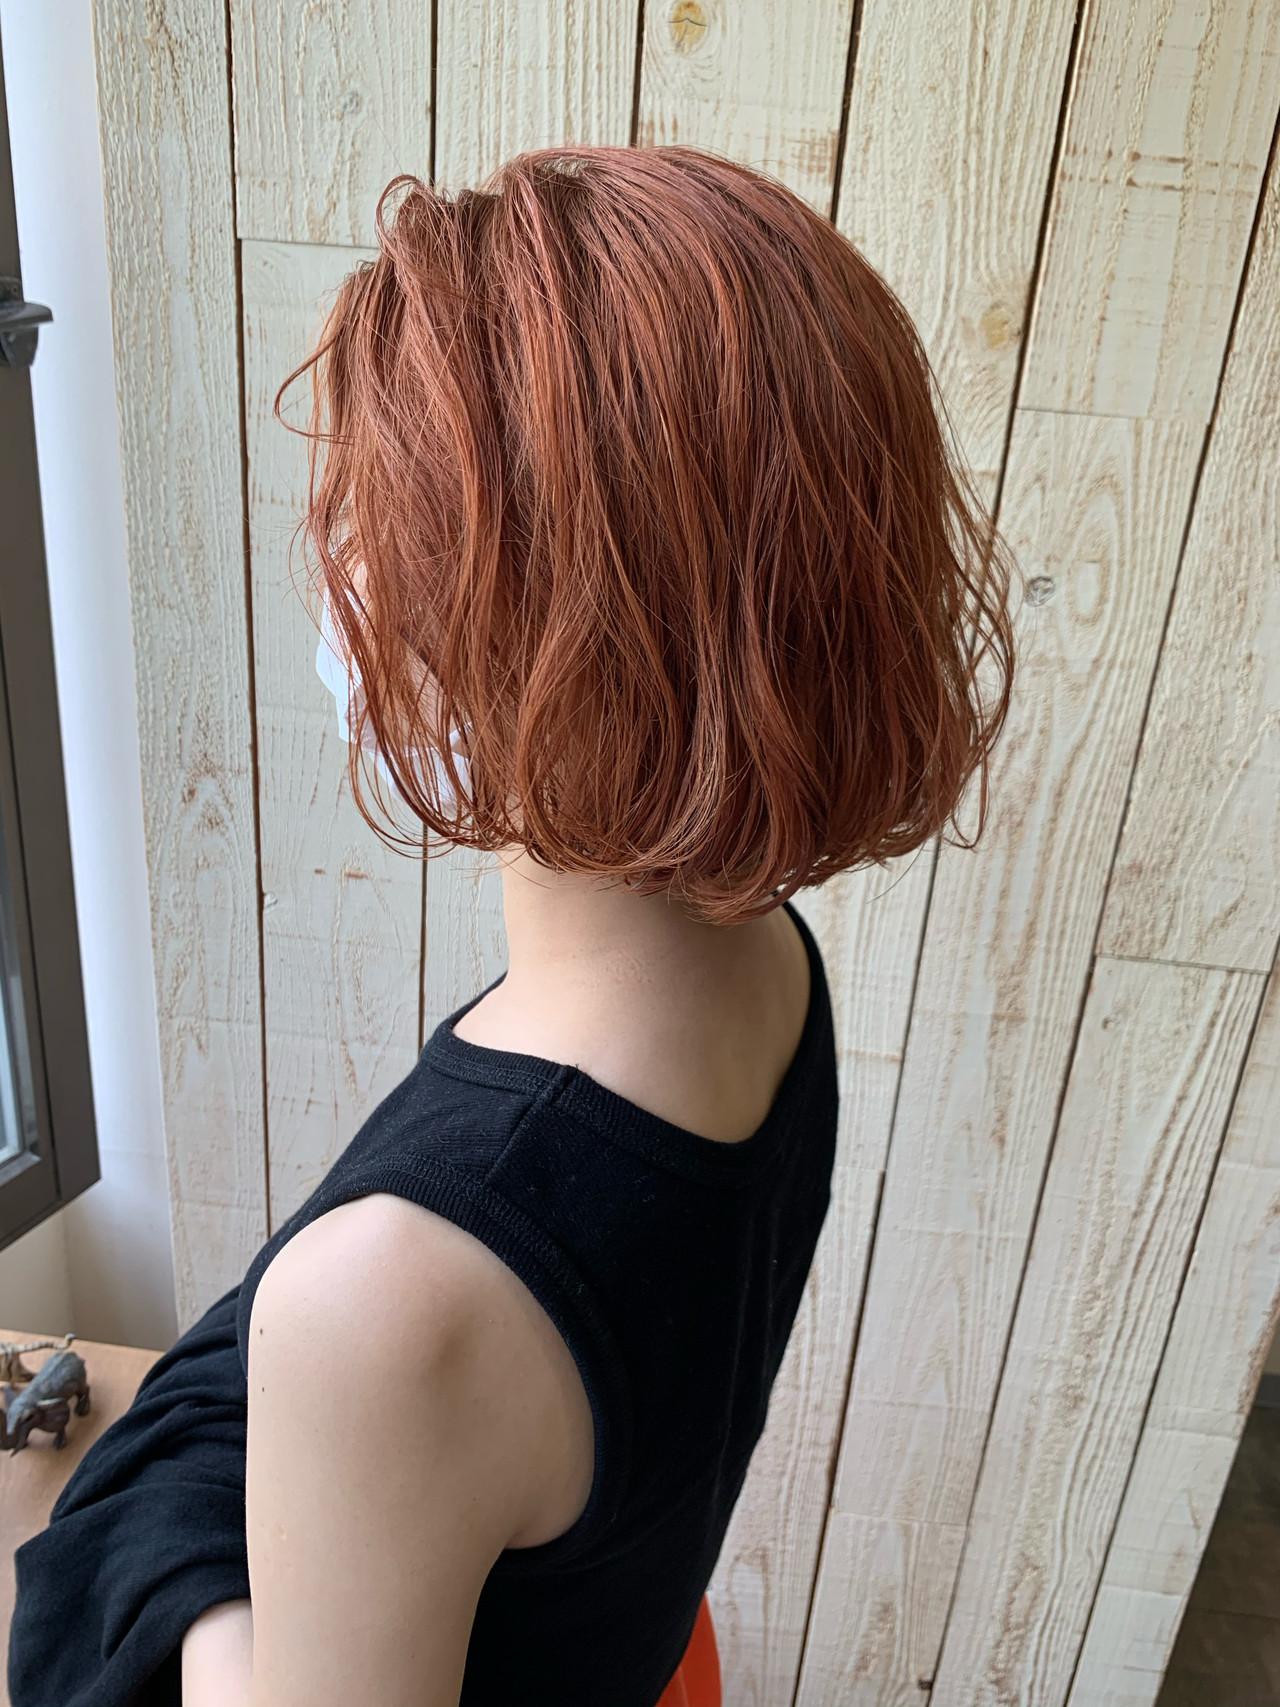 ボブ ショートヘア オレンジカラー オレンジベージュ ヘアスタイルや髪型の写真・画像 | HARU / little × PORTO sannomiya